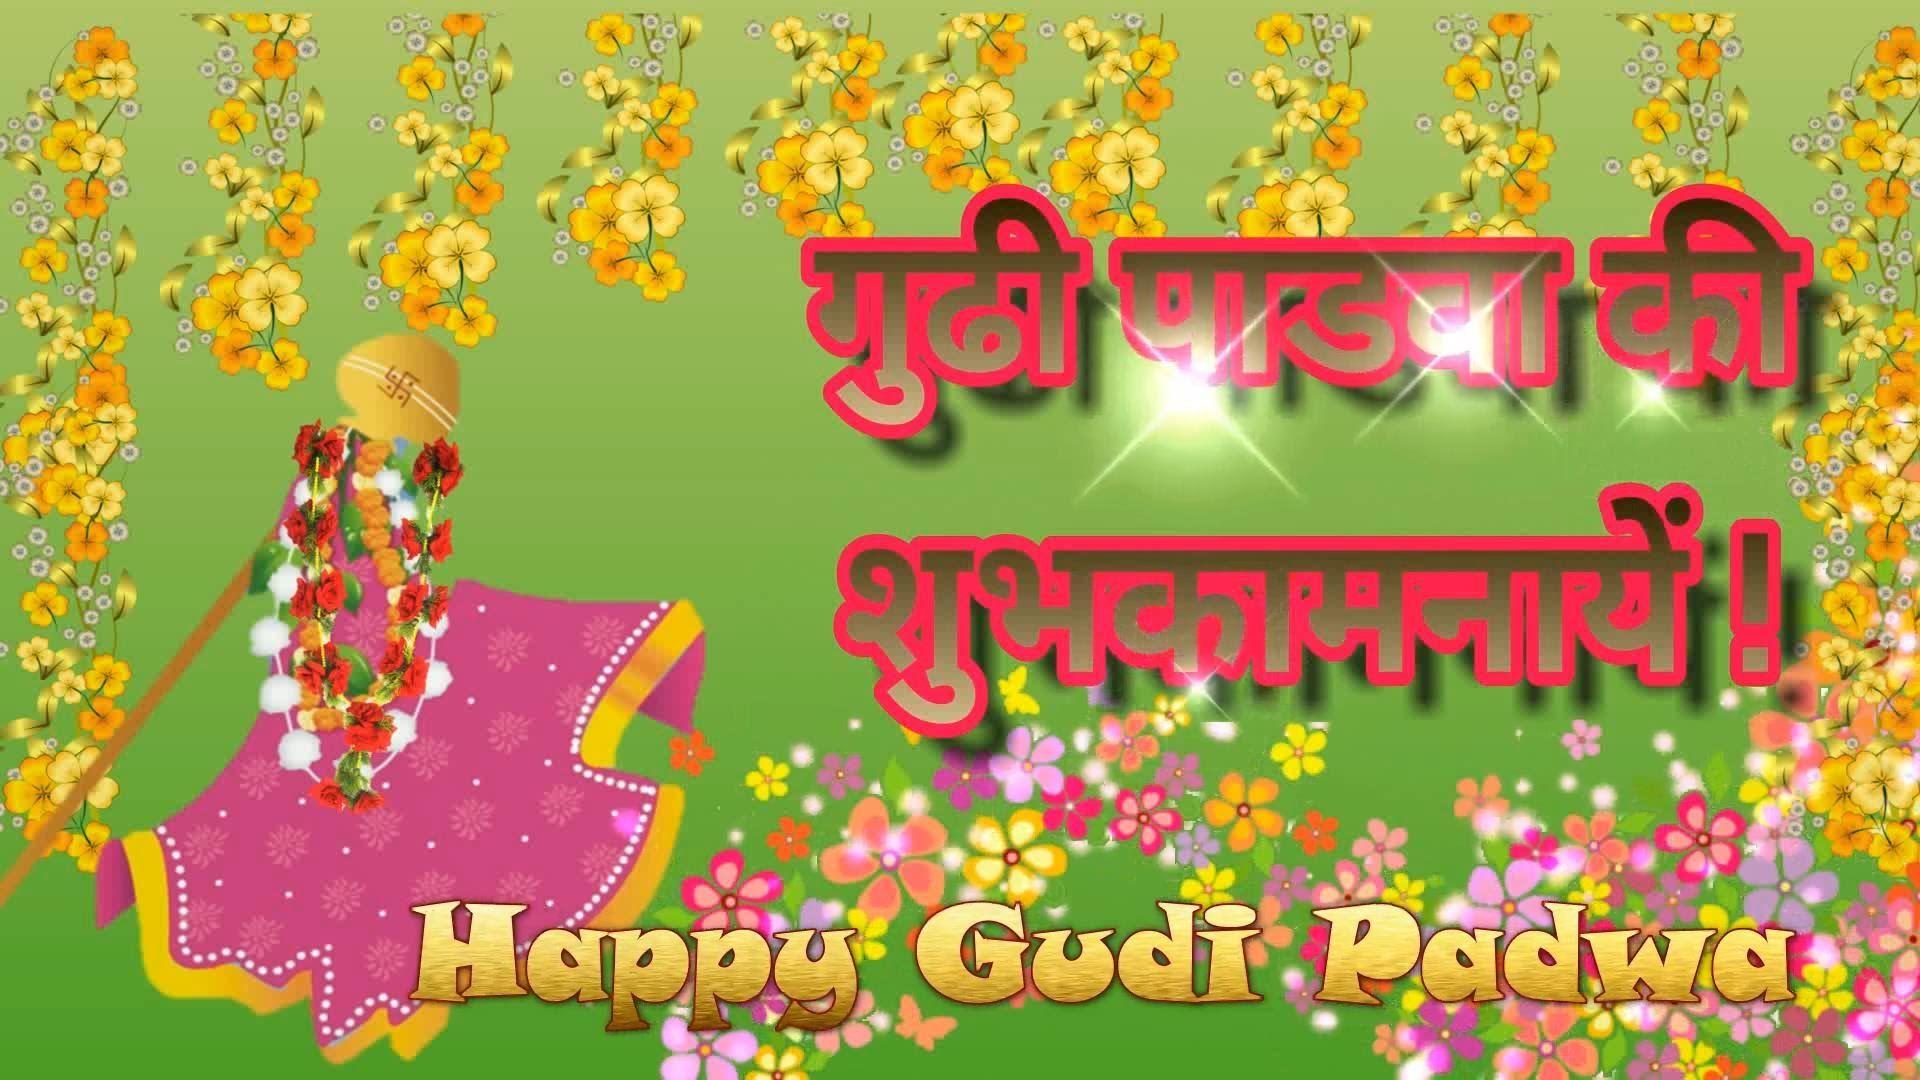 Happy Gudi Padwa Wishes Gudi Padwa 2016 Gudi Padwa Greetings Gudi